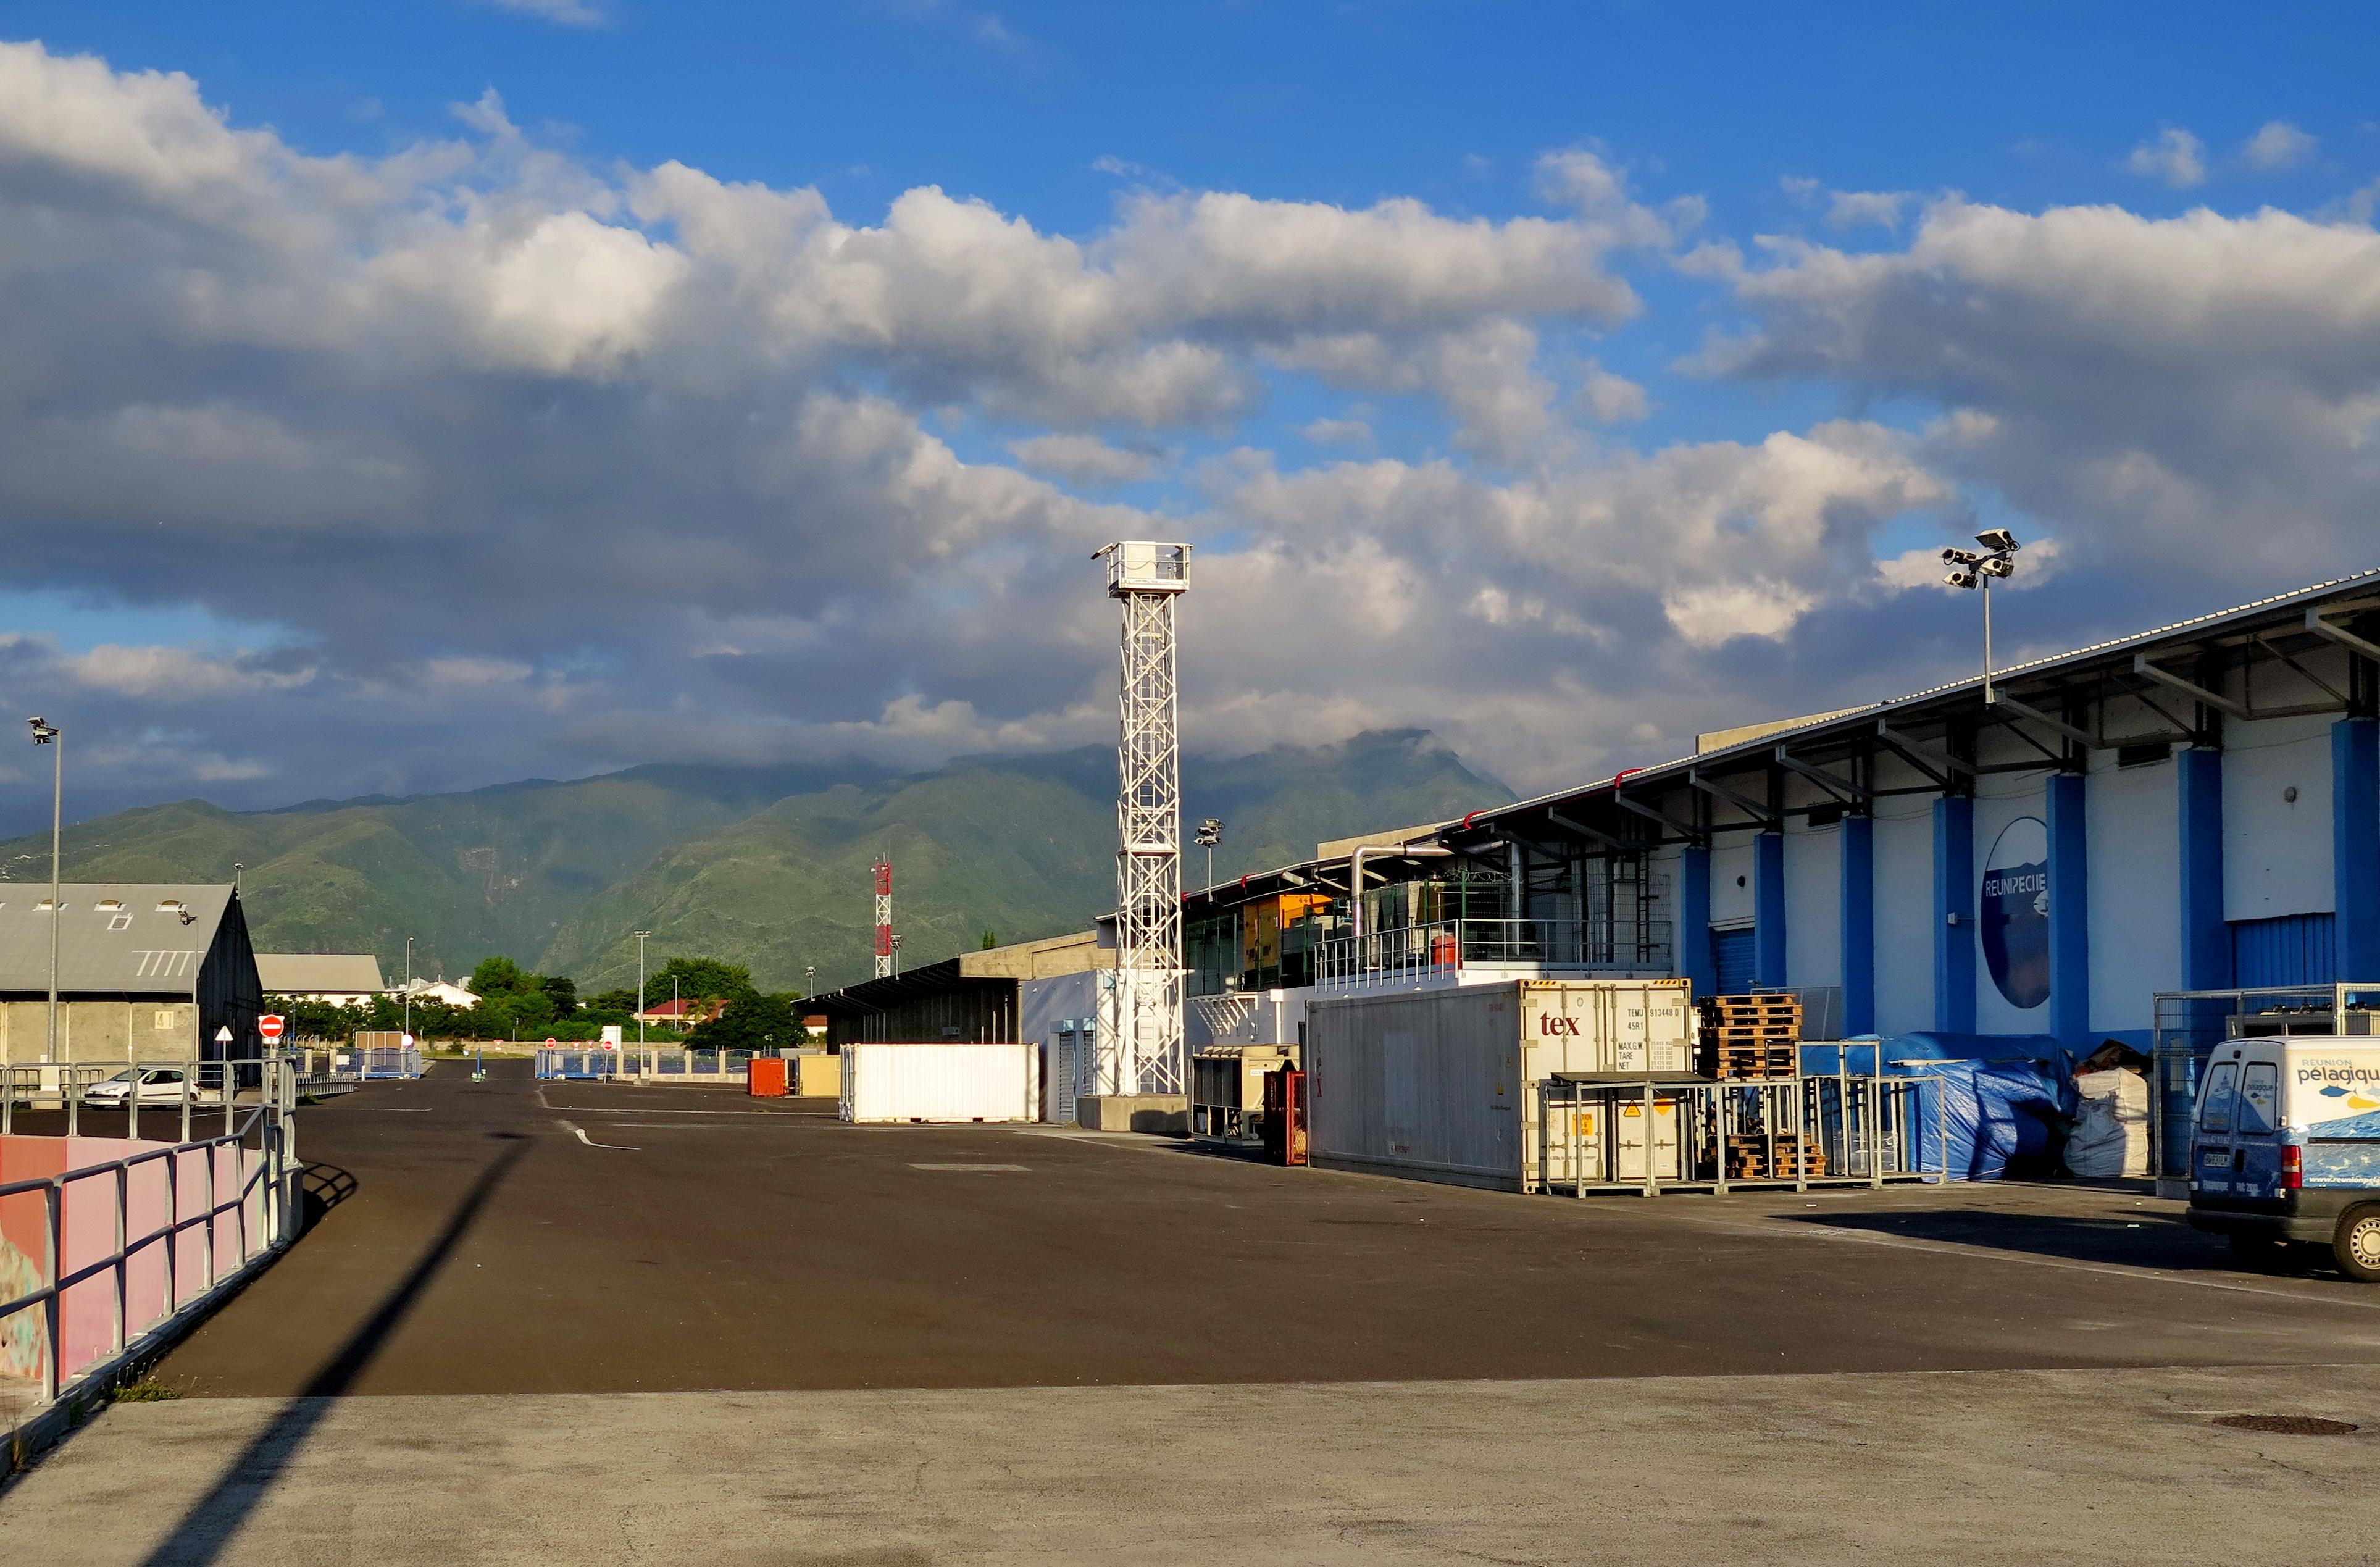 [Vie des ports] Les ports de la Réunion - Page 6 181420leportsolange056